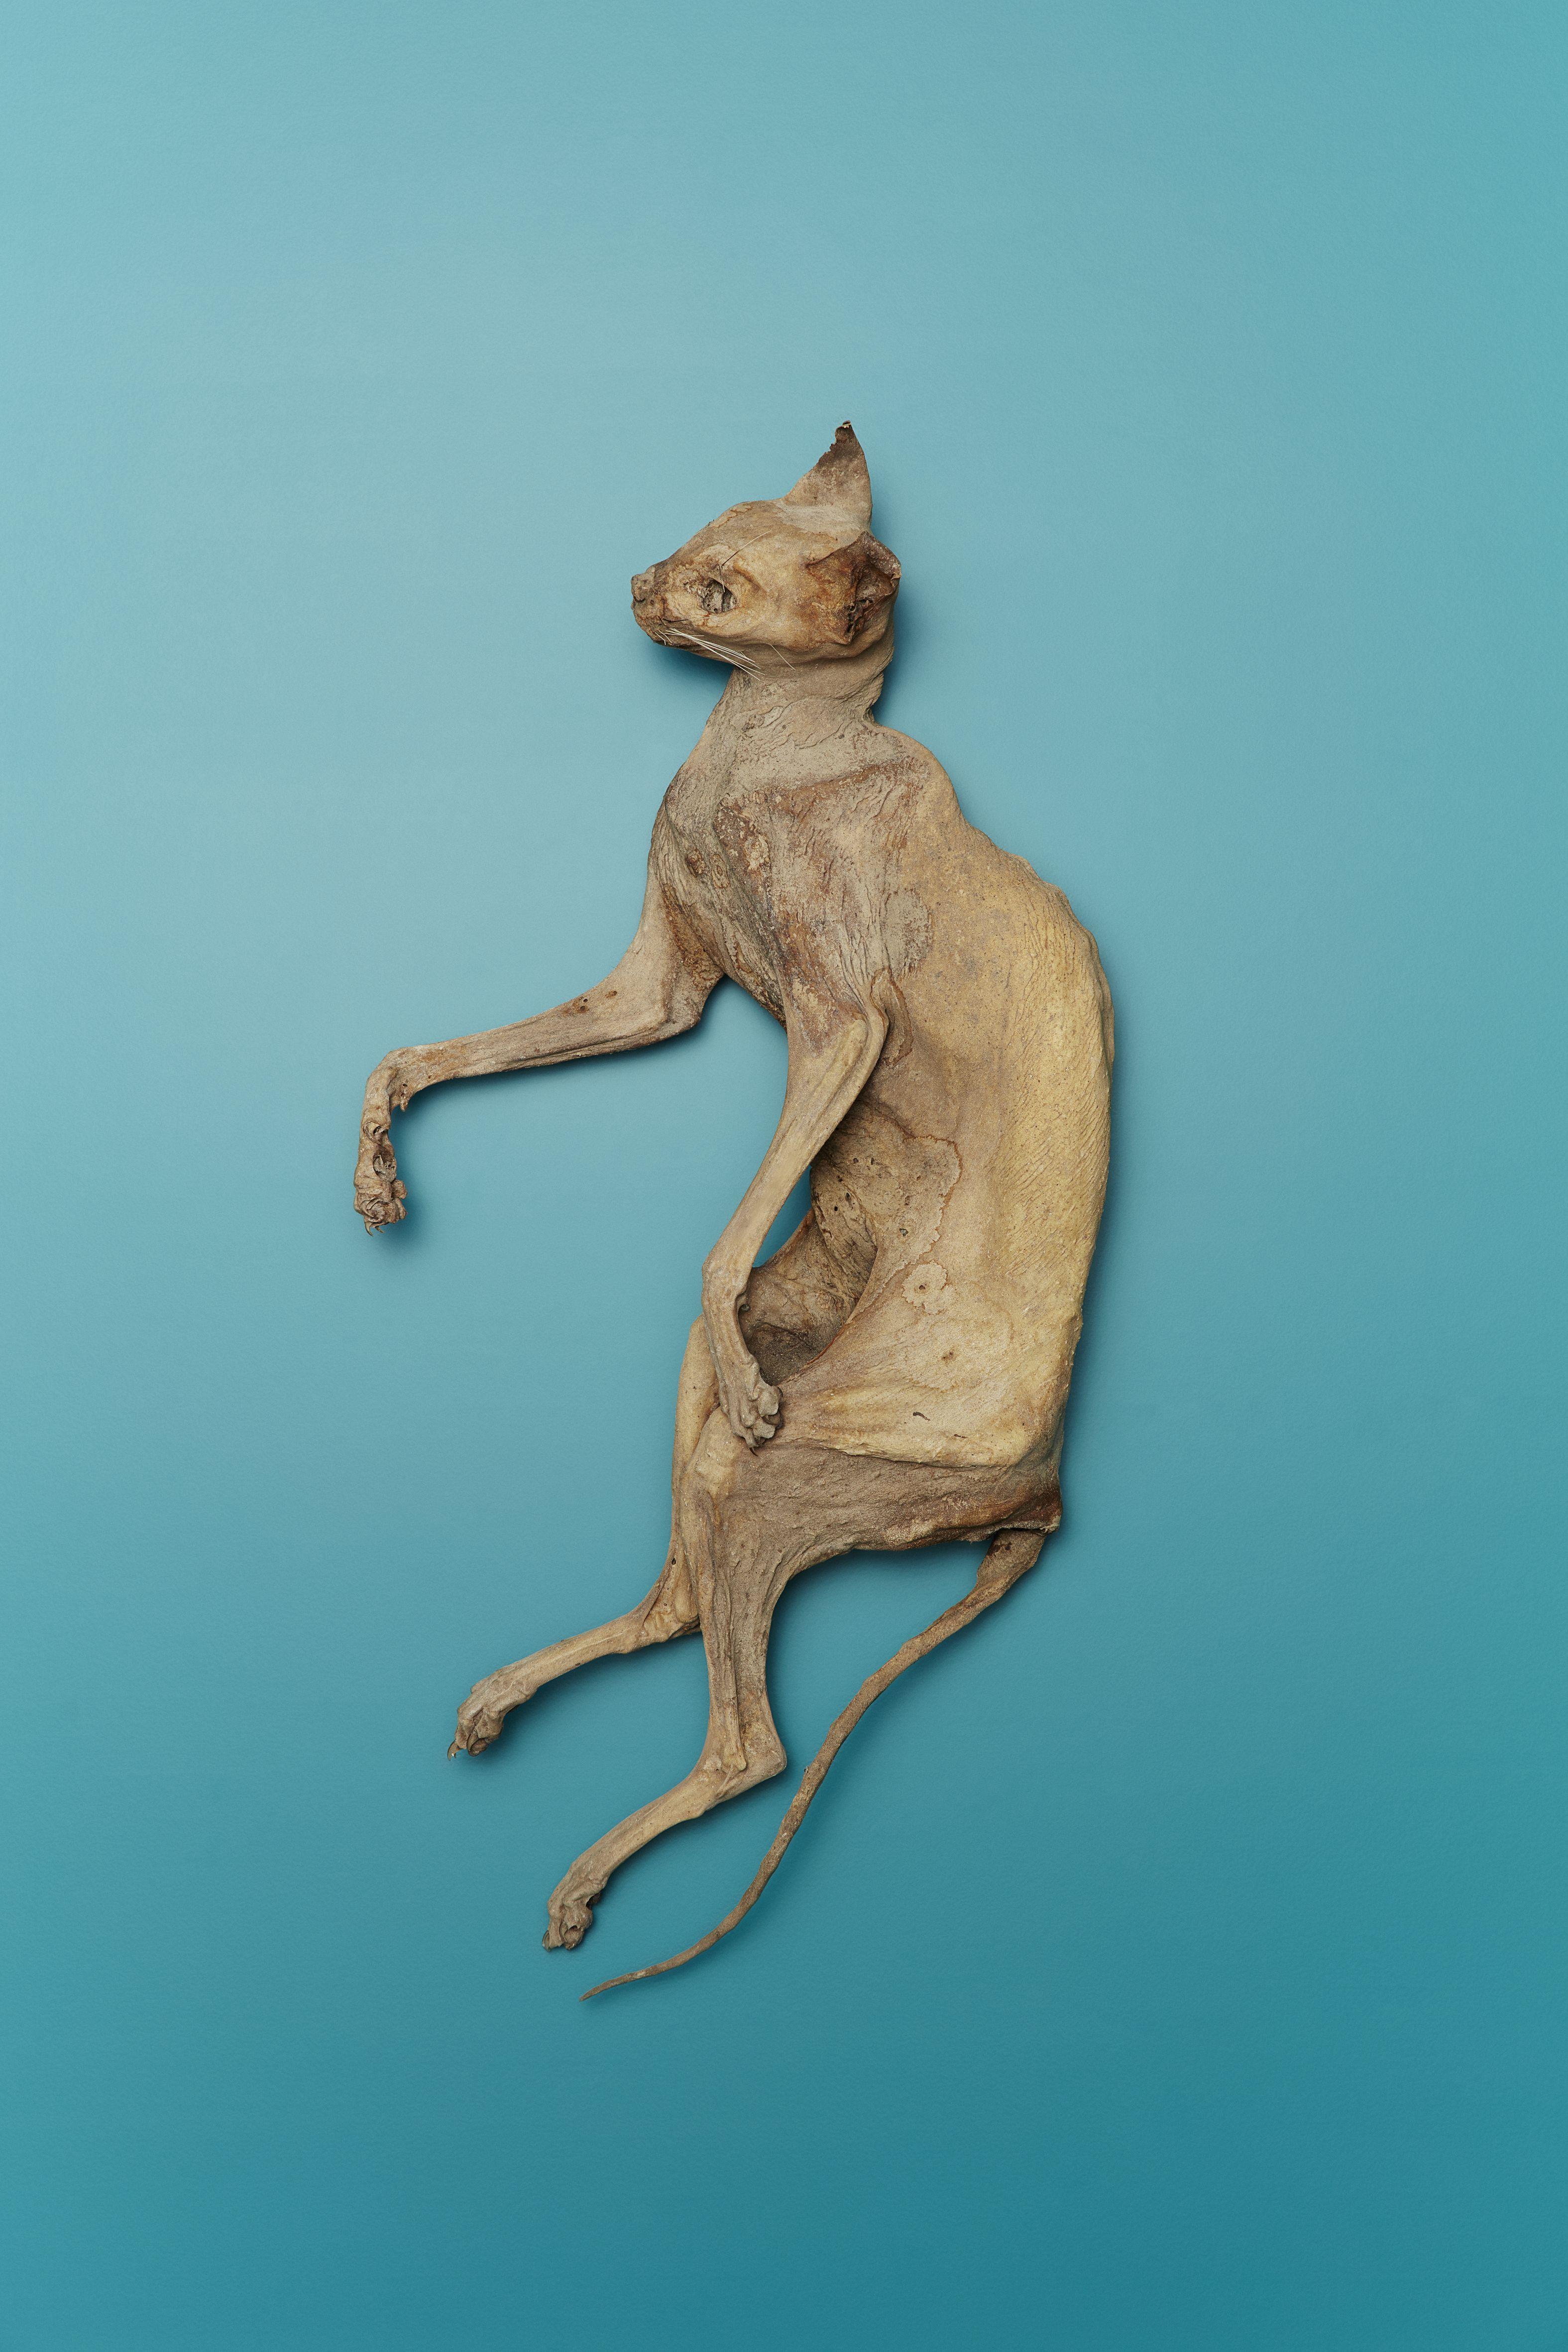 nicht die Katzenhexe, aber auch tot: Katzenmumie aus der Schweiz.